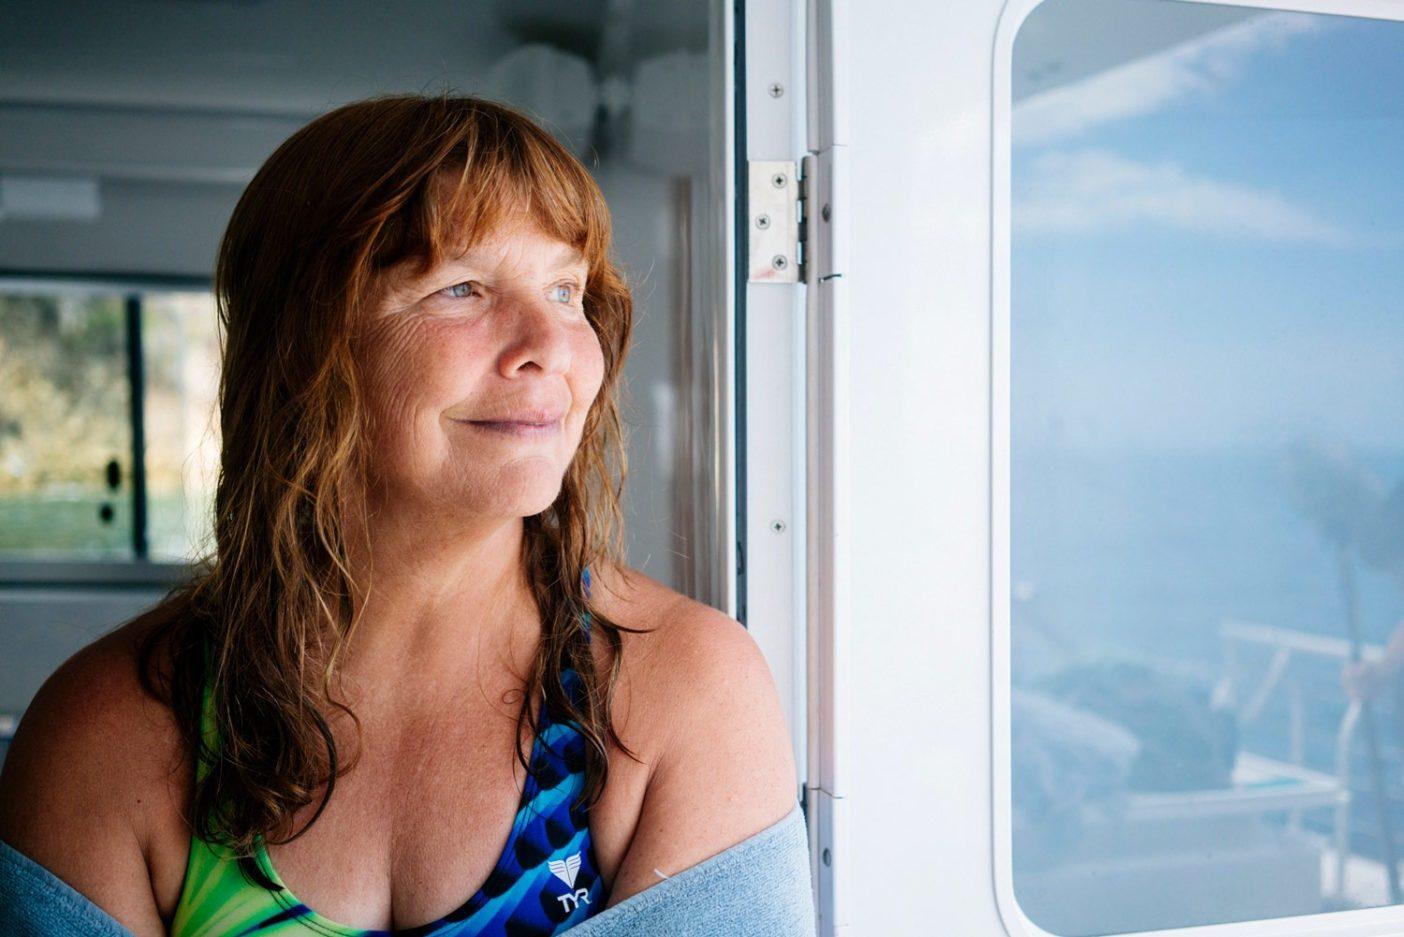 カタリナ島で泳いだあとのリンの笑顔。Photo: Donnie Hedden